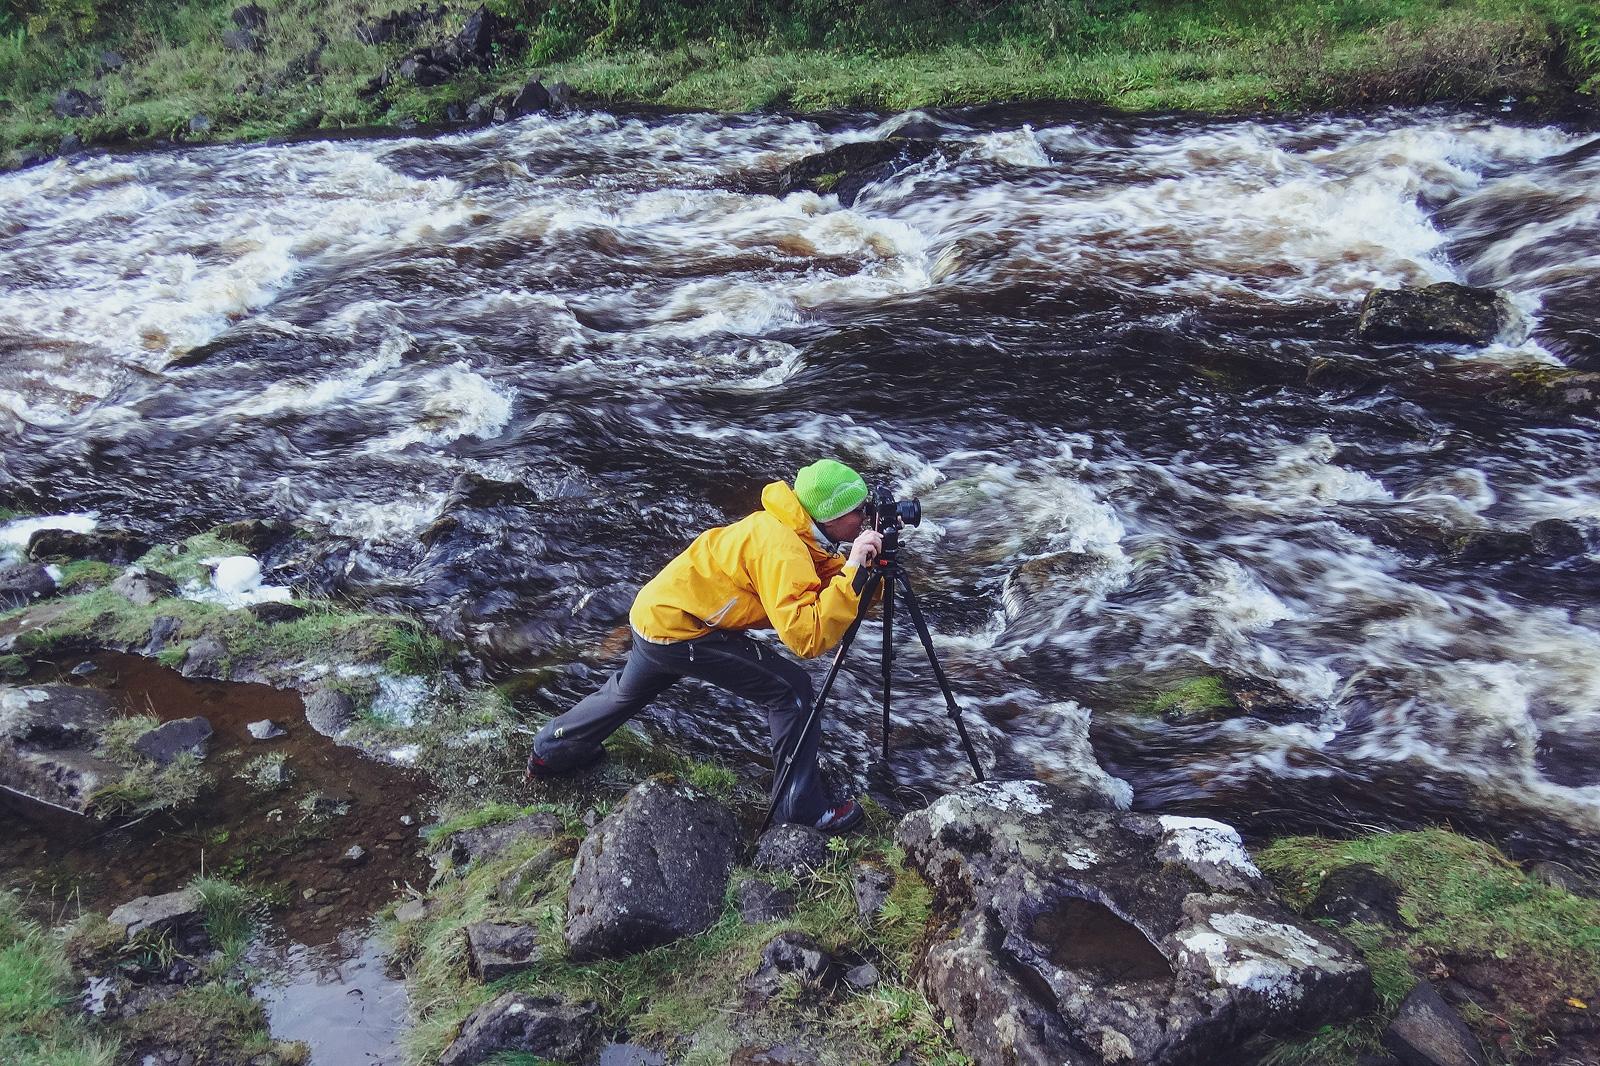 Fotoreise mit Lukas Voegelin auf die Isle of Skye, Schottland